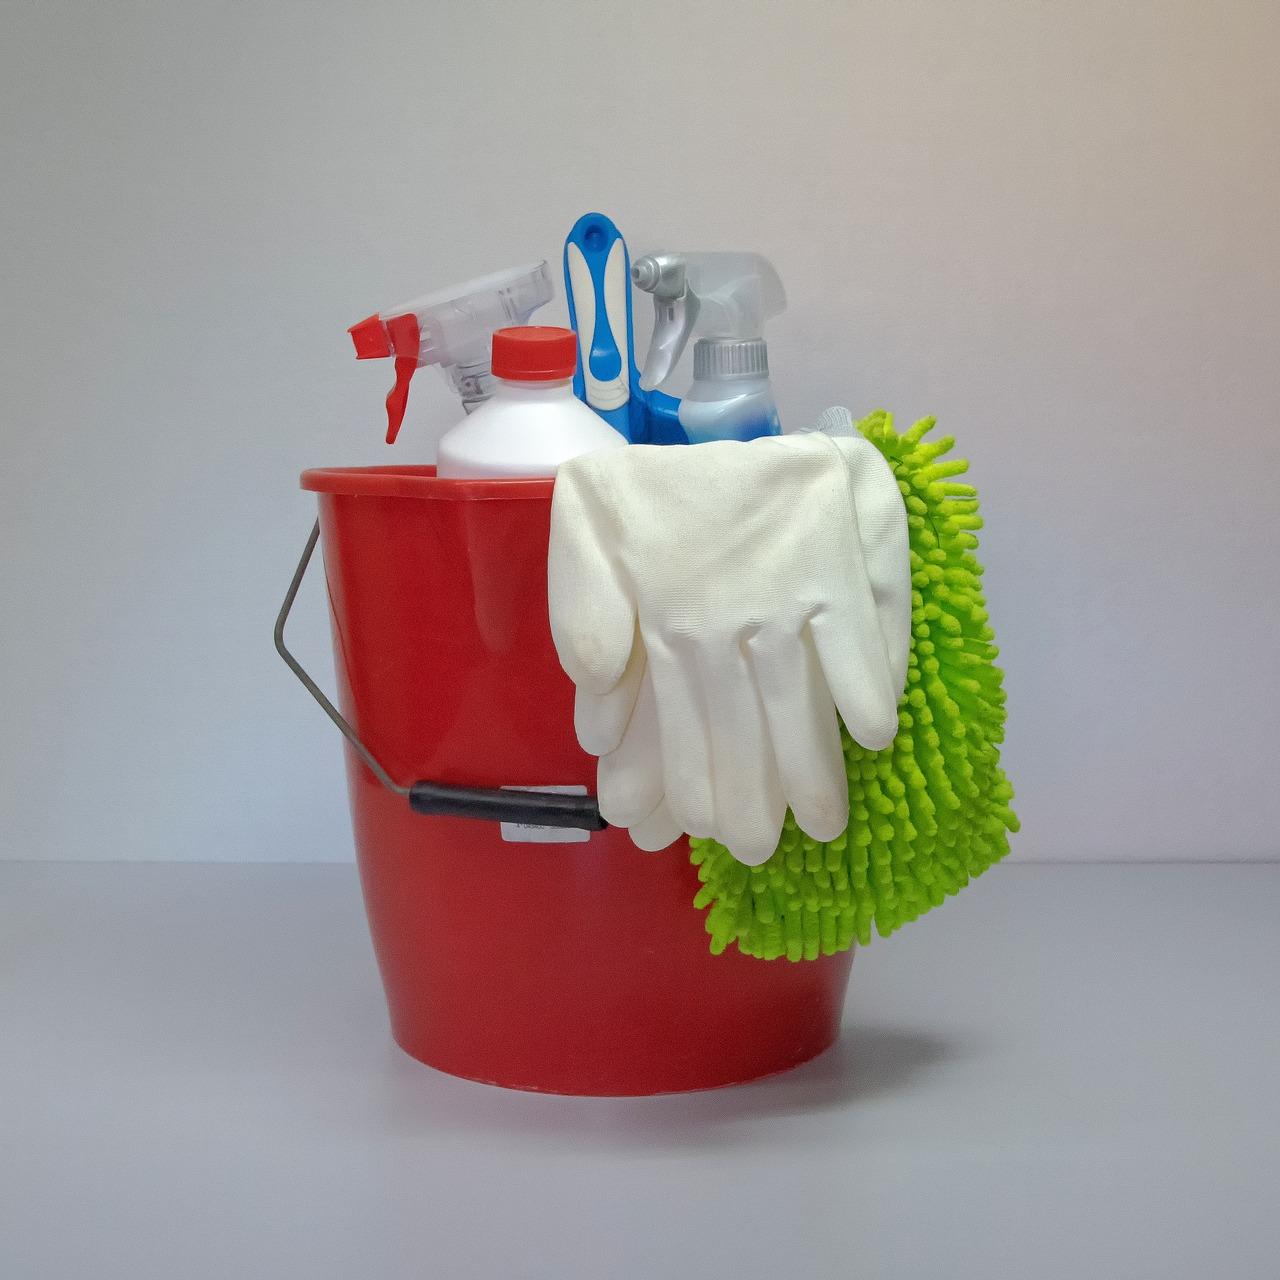 Eimer mit diversen Pflegeprodukten, Lappen und Handschuhen zur Autopflege